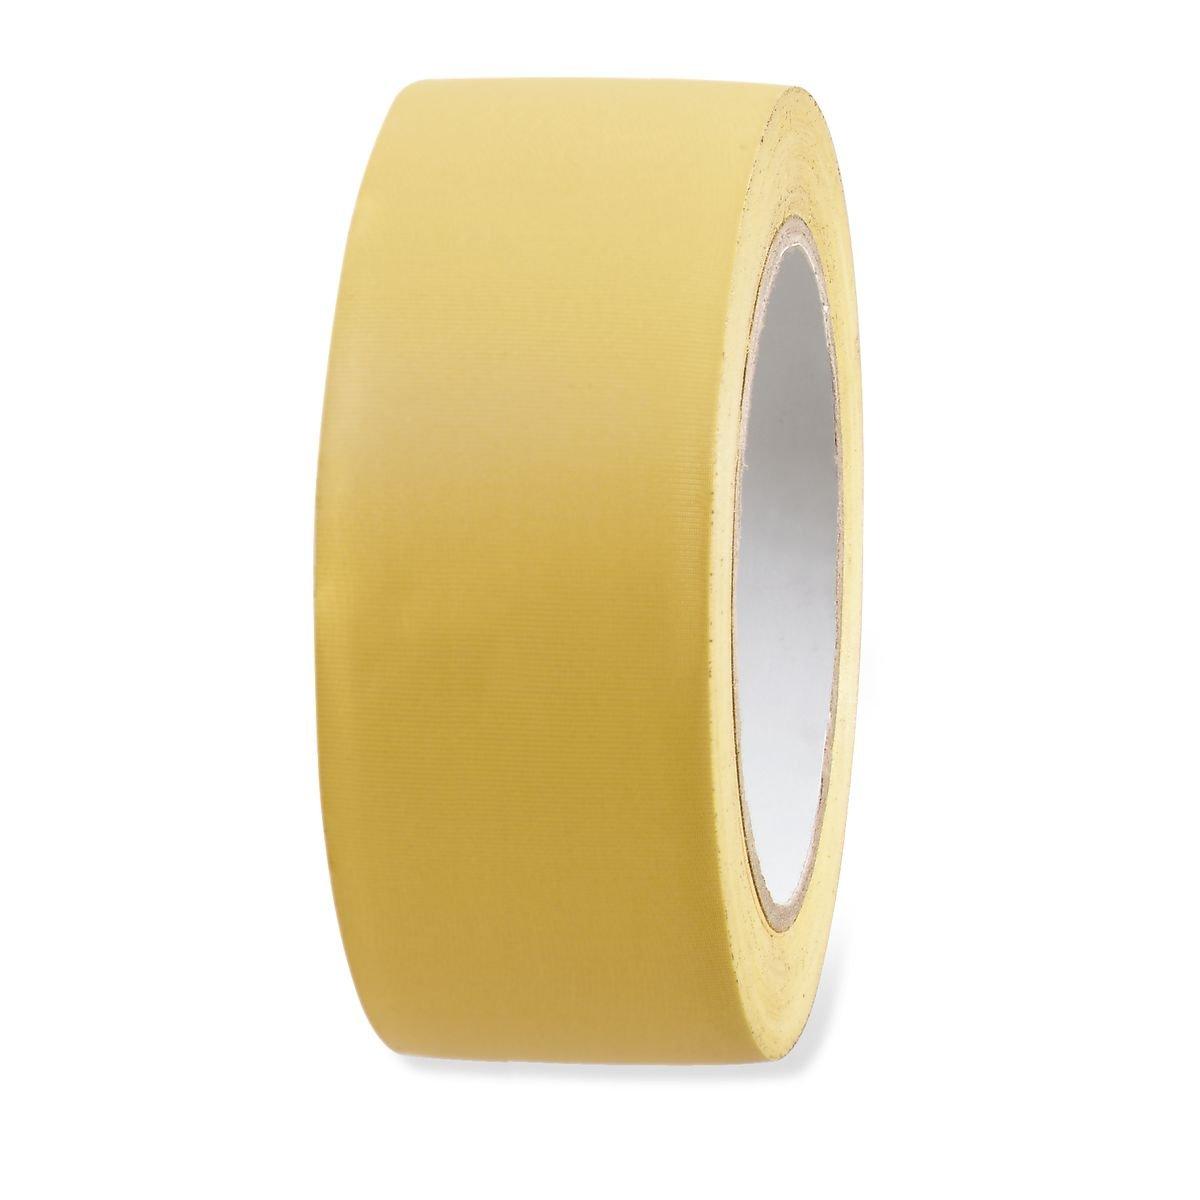 5 Rollen UV Putzerband PVC Schutz Band gerillt gelb 50mm x 33m Klebeband Oberfl/äche